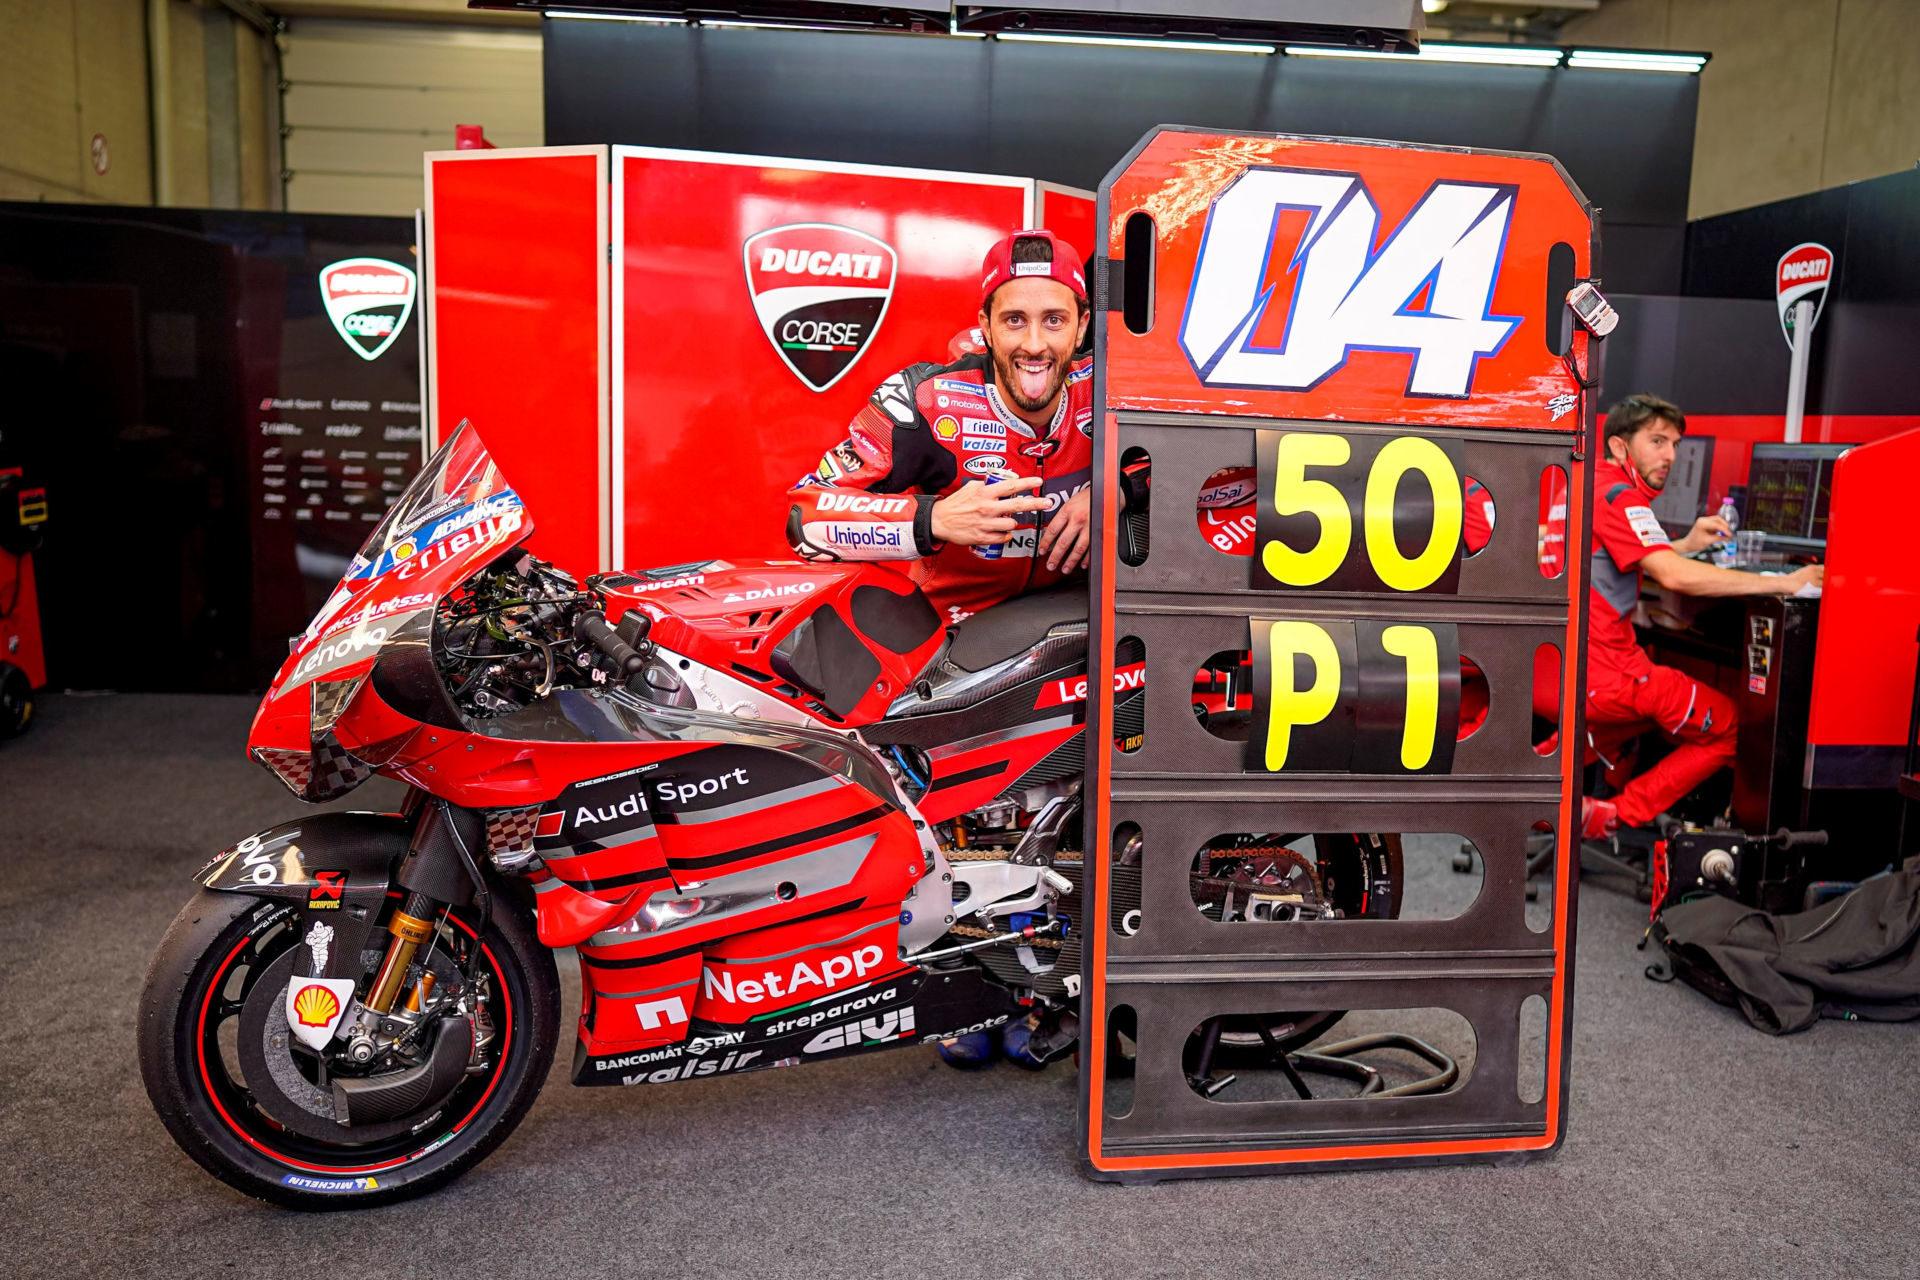 Andrea Dovizioso. Photo courtesy Ducati.